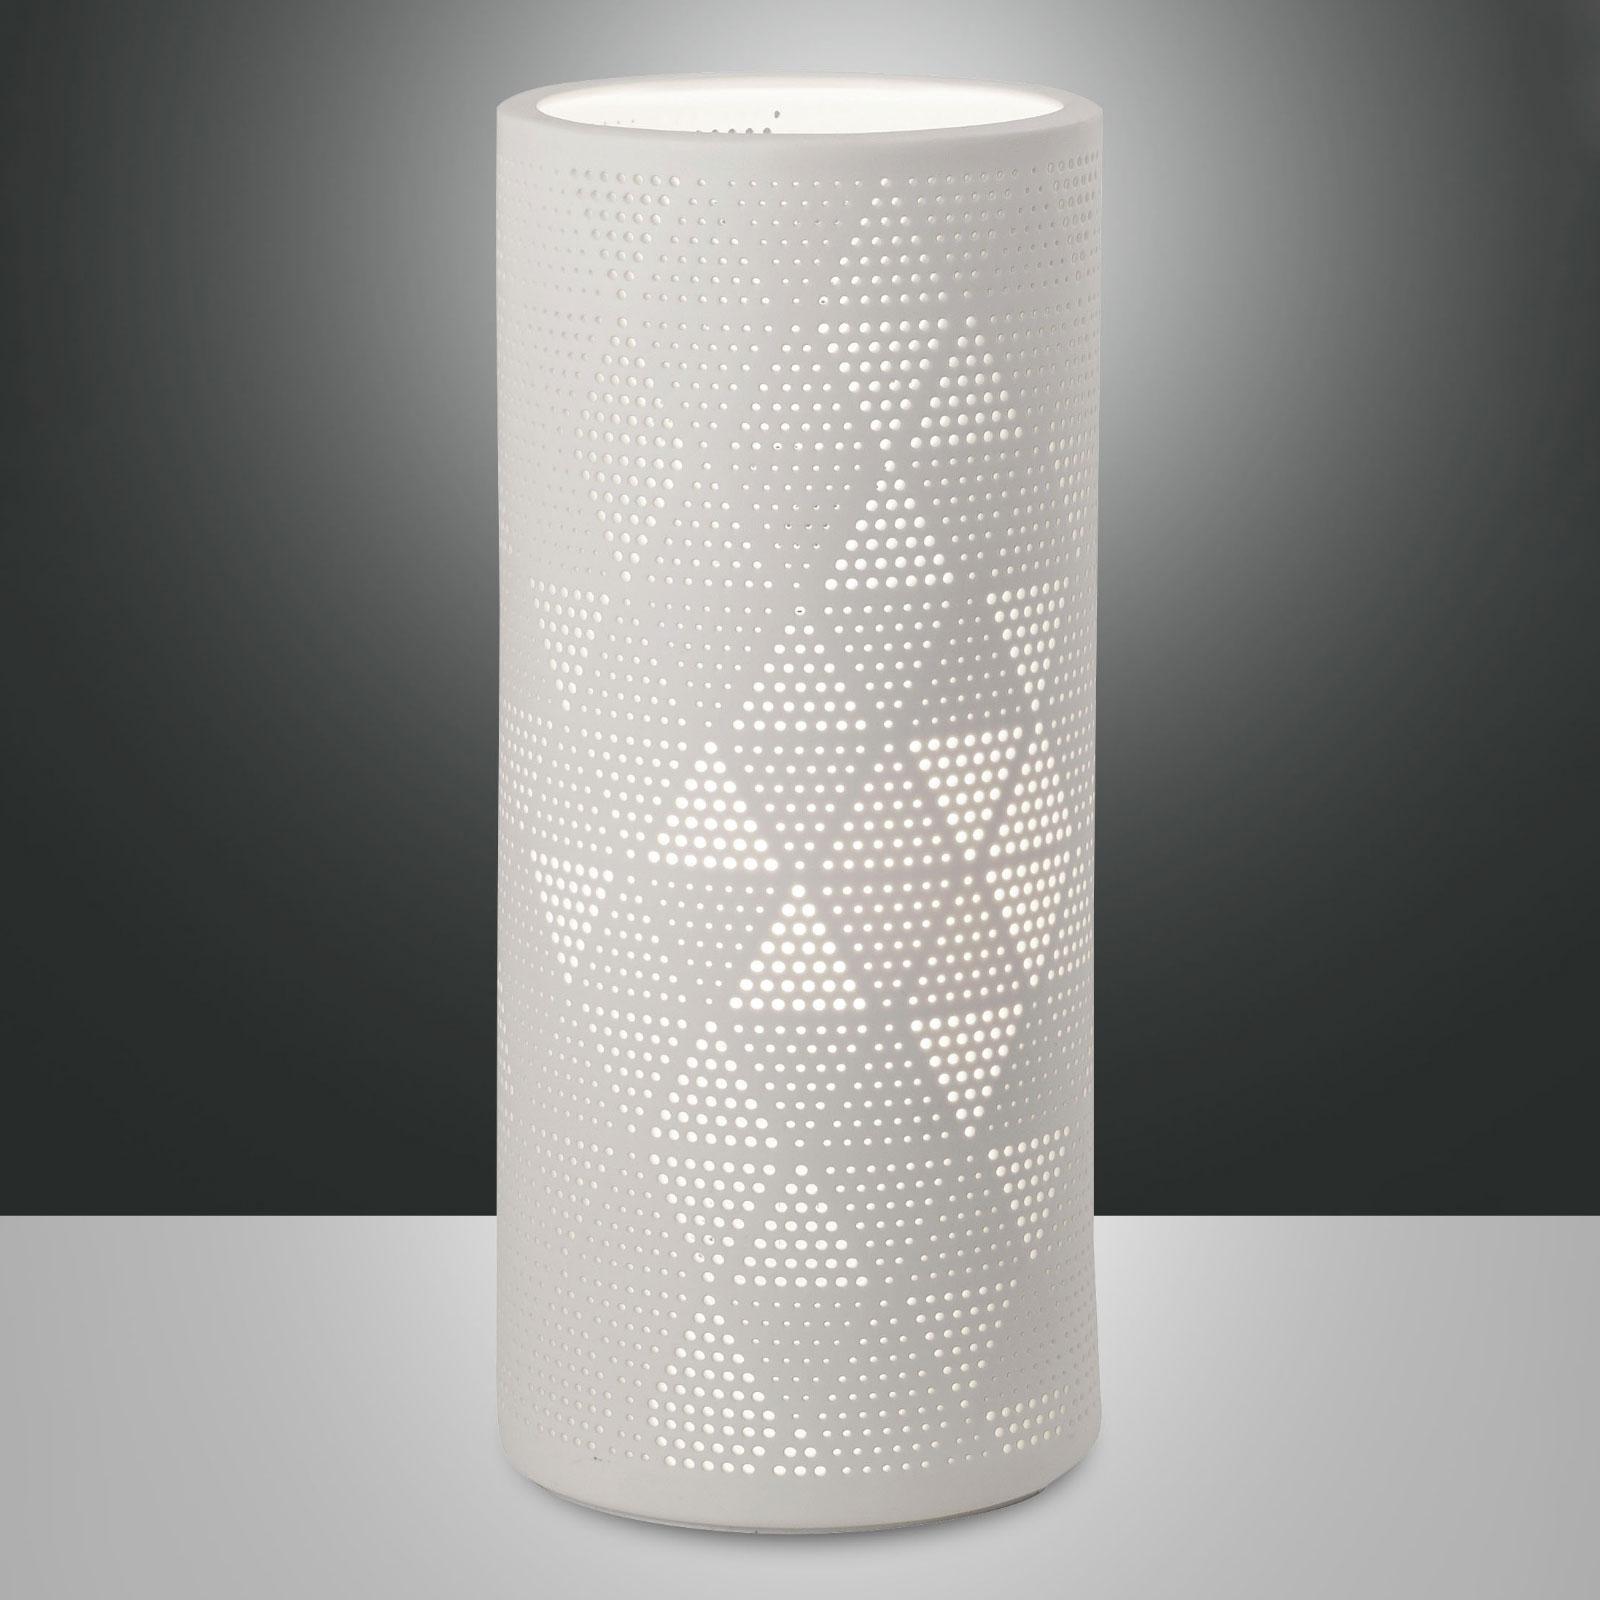 Tischleuchte Micol aus Keramik, Höhe 28,5 cm